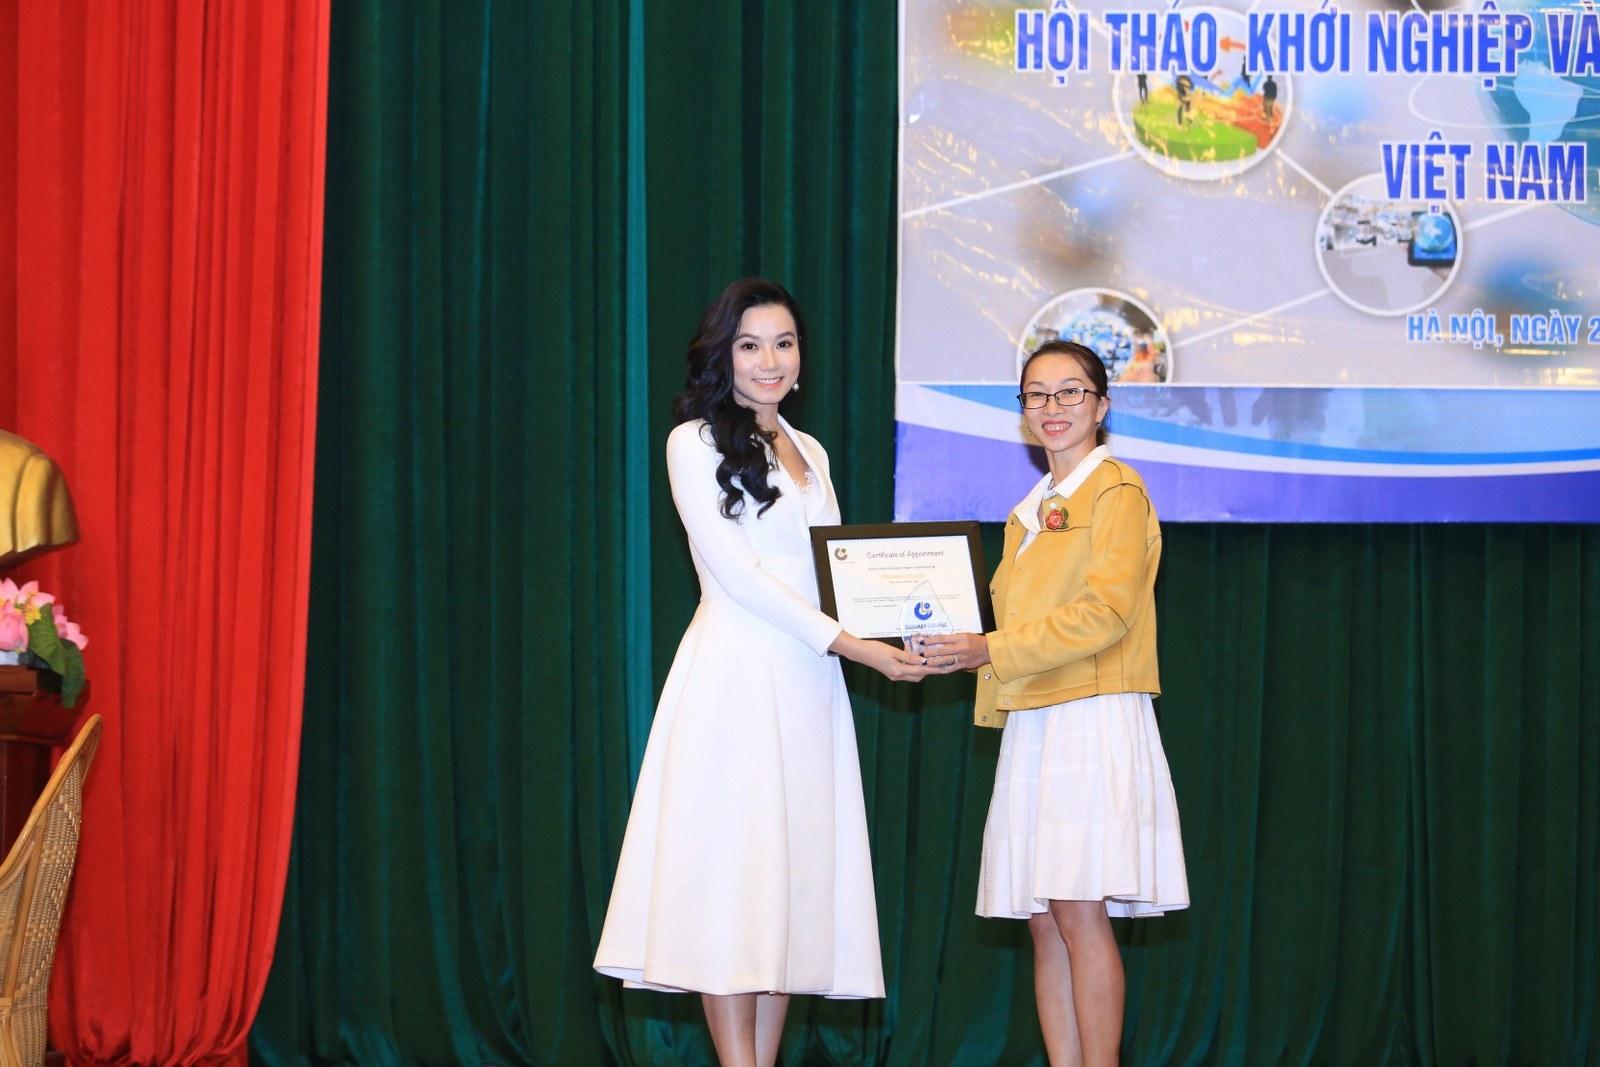 Lương Giang diện đầm trắng tinh khôi tại sự kiện